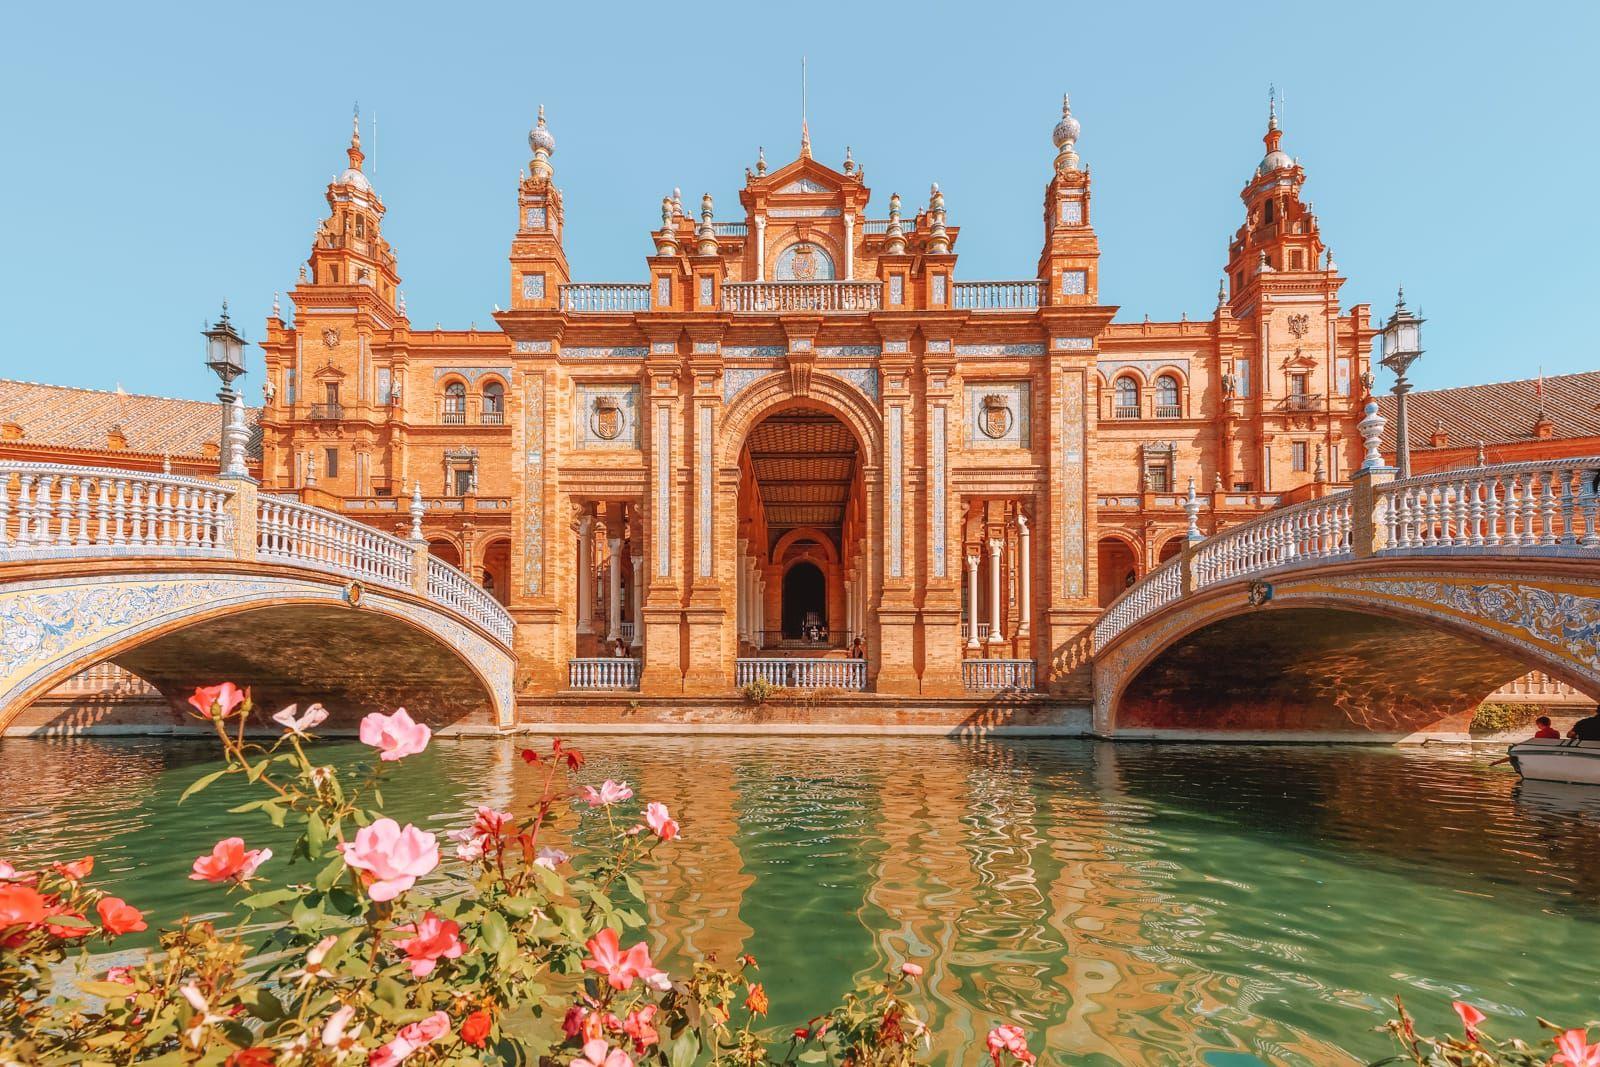 15 Best Things To Do In Granada, Spain